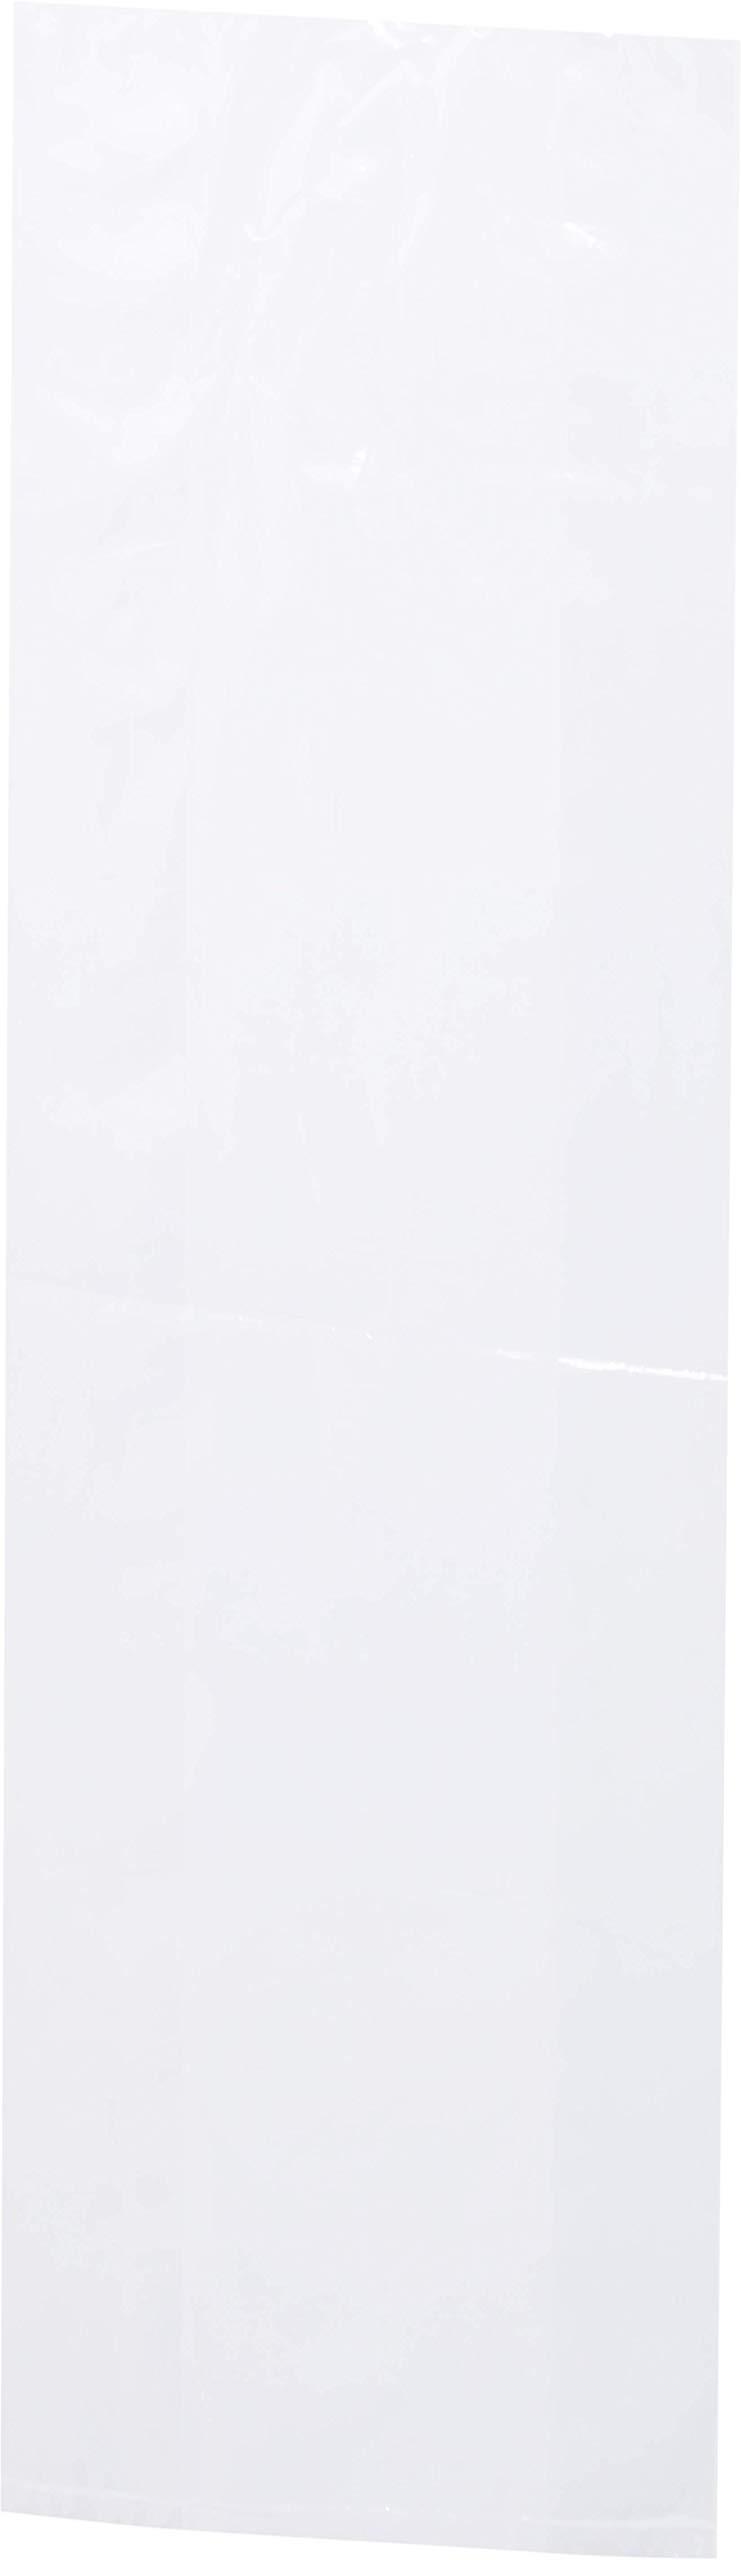 FoodHandler 20-FS5419 Low Density (LDPE) Food Storage Bags 5.5 x 4.75 x 19 (Pack of 1000)